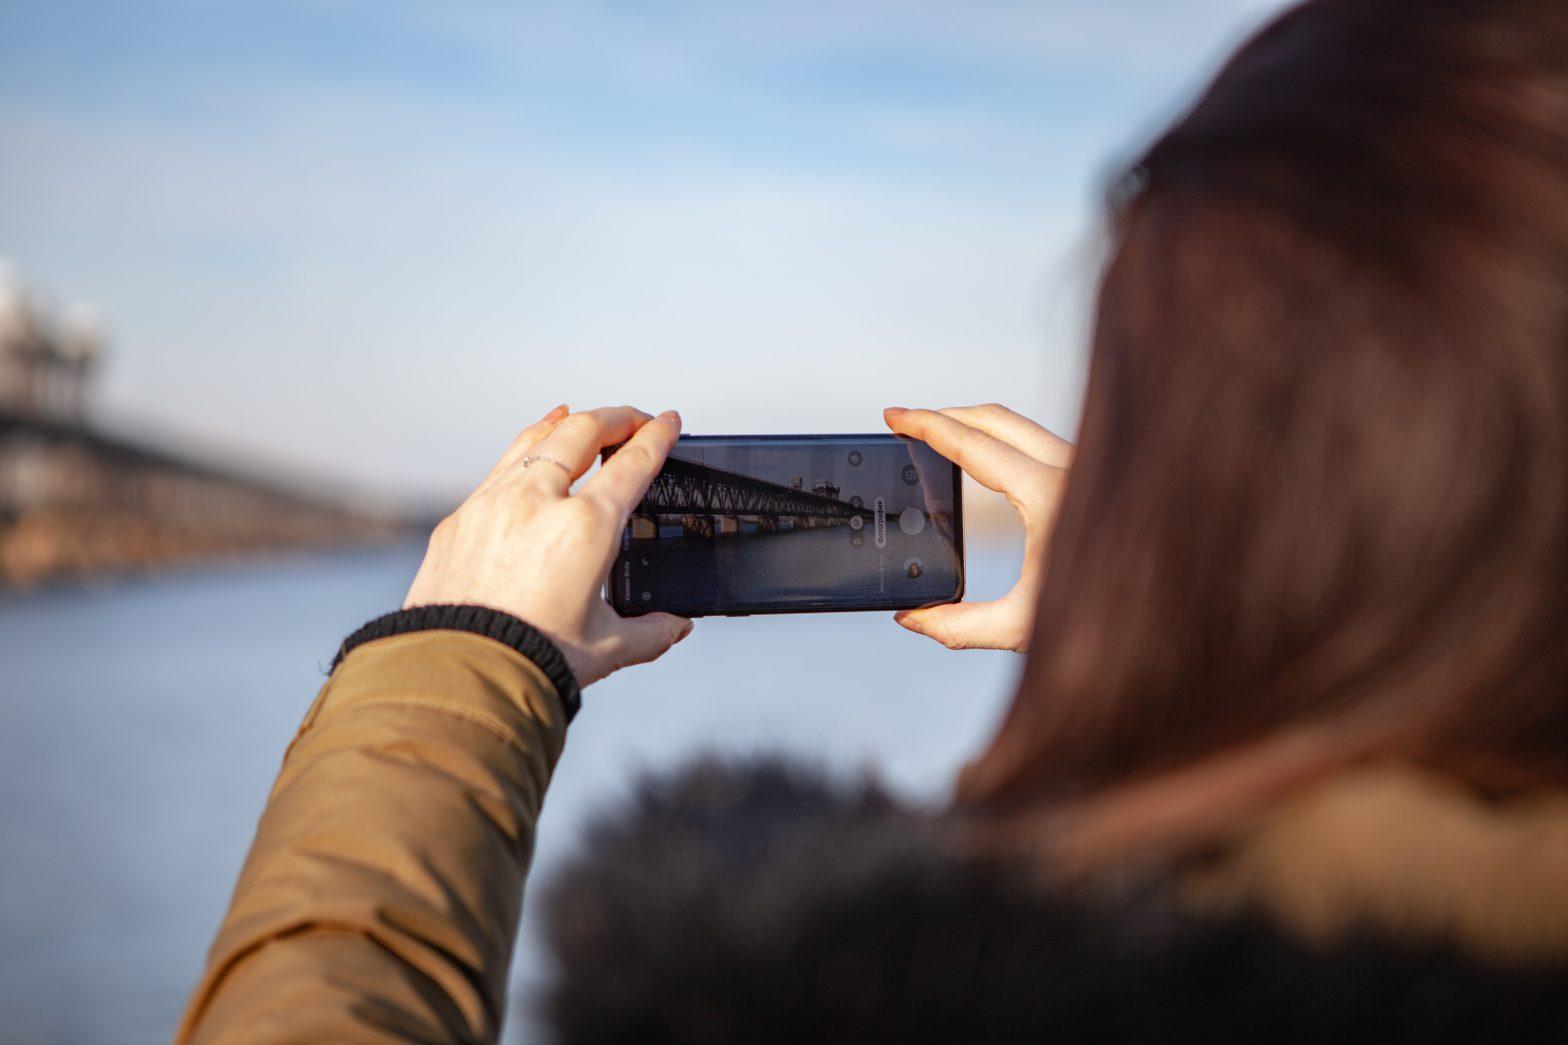 Lubisz utrwalać piękne chwile na telefonie? Pomyśl o Samsungu Galaxy A40